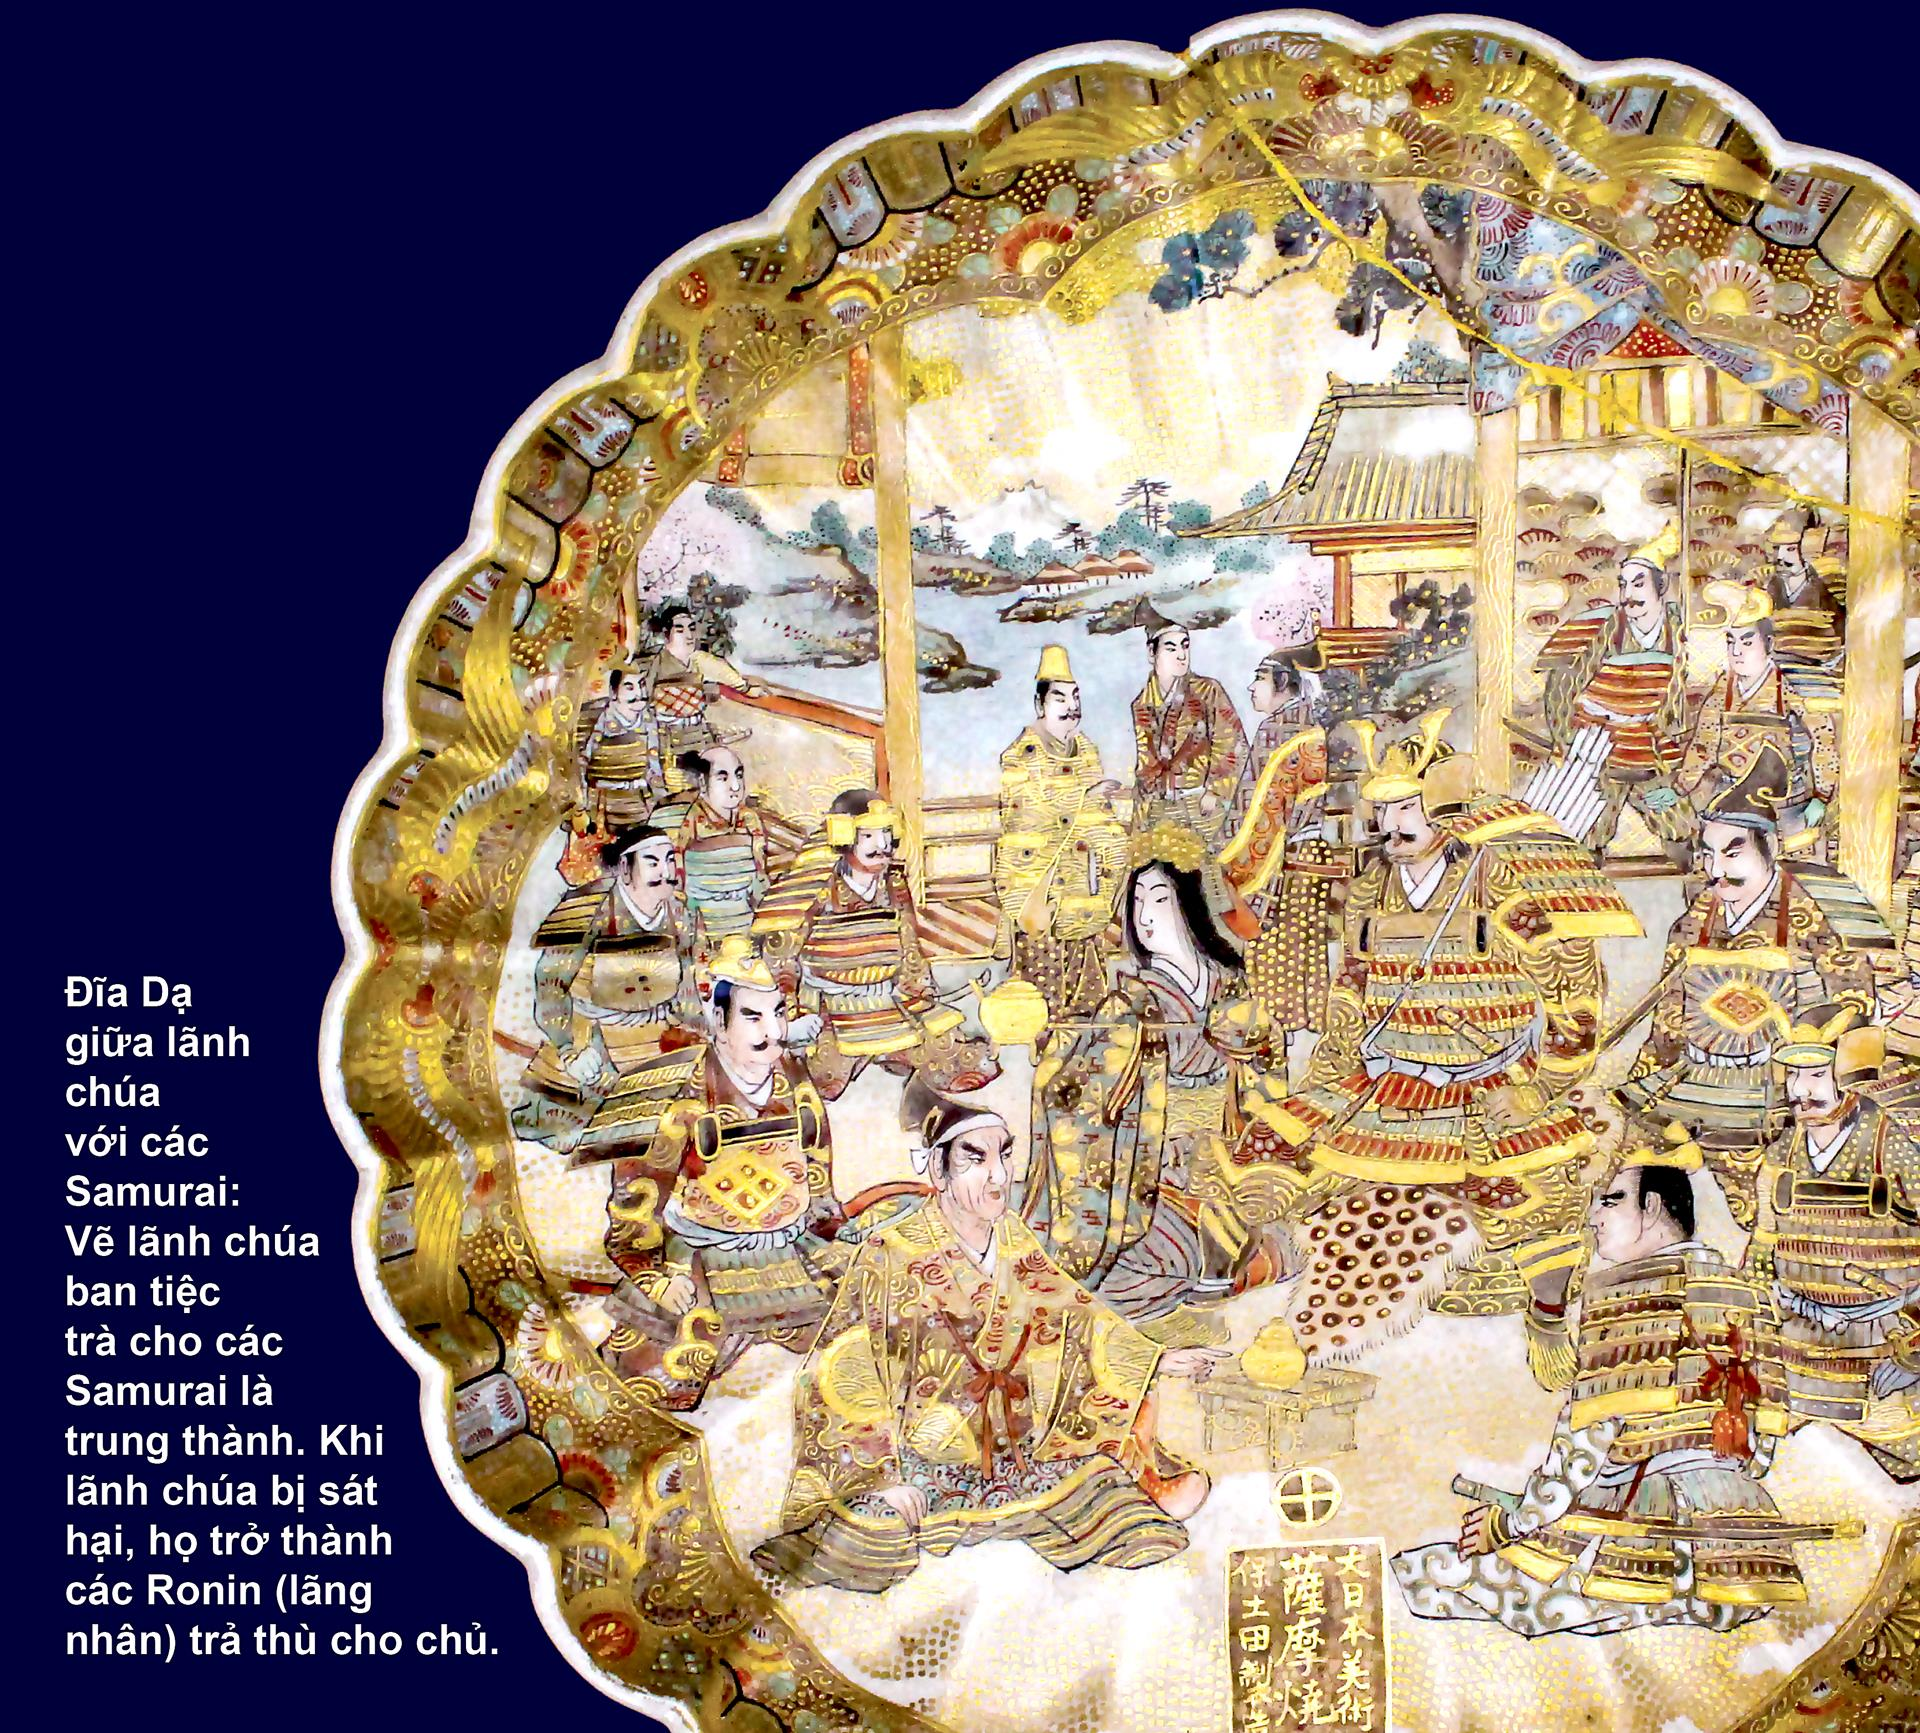 Khắc họa chân dung Thiên hoàng - Mạc phủ ảnh 6